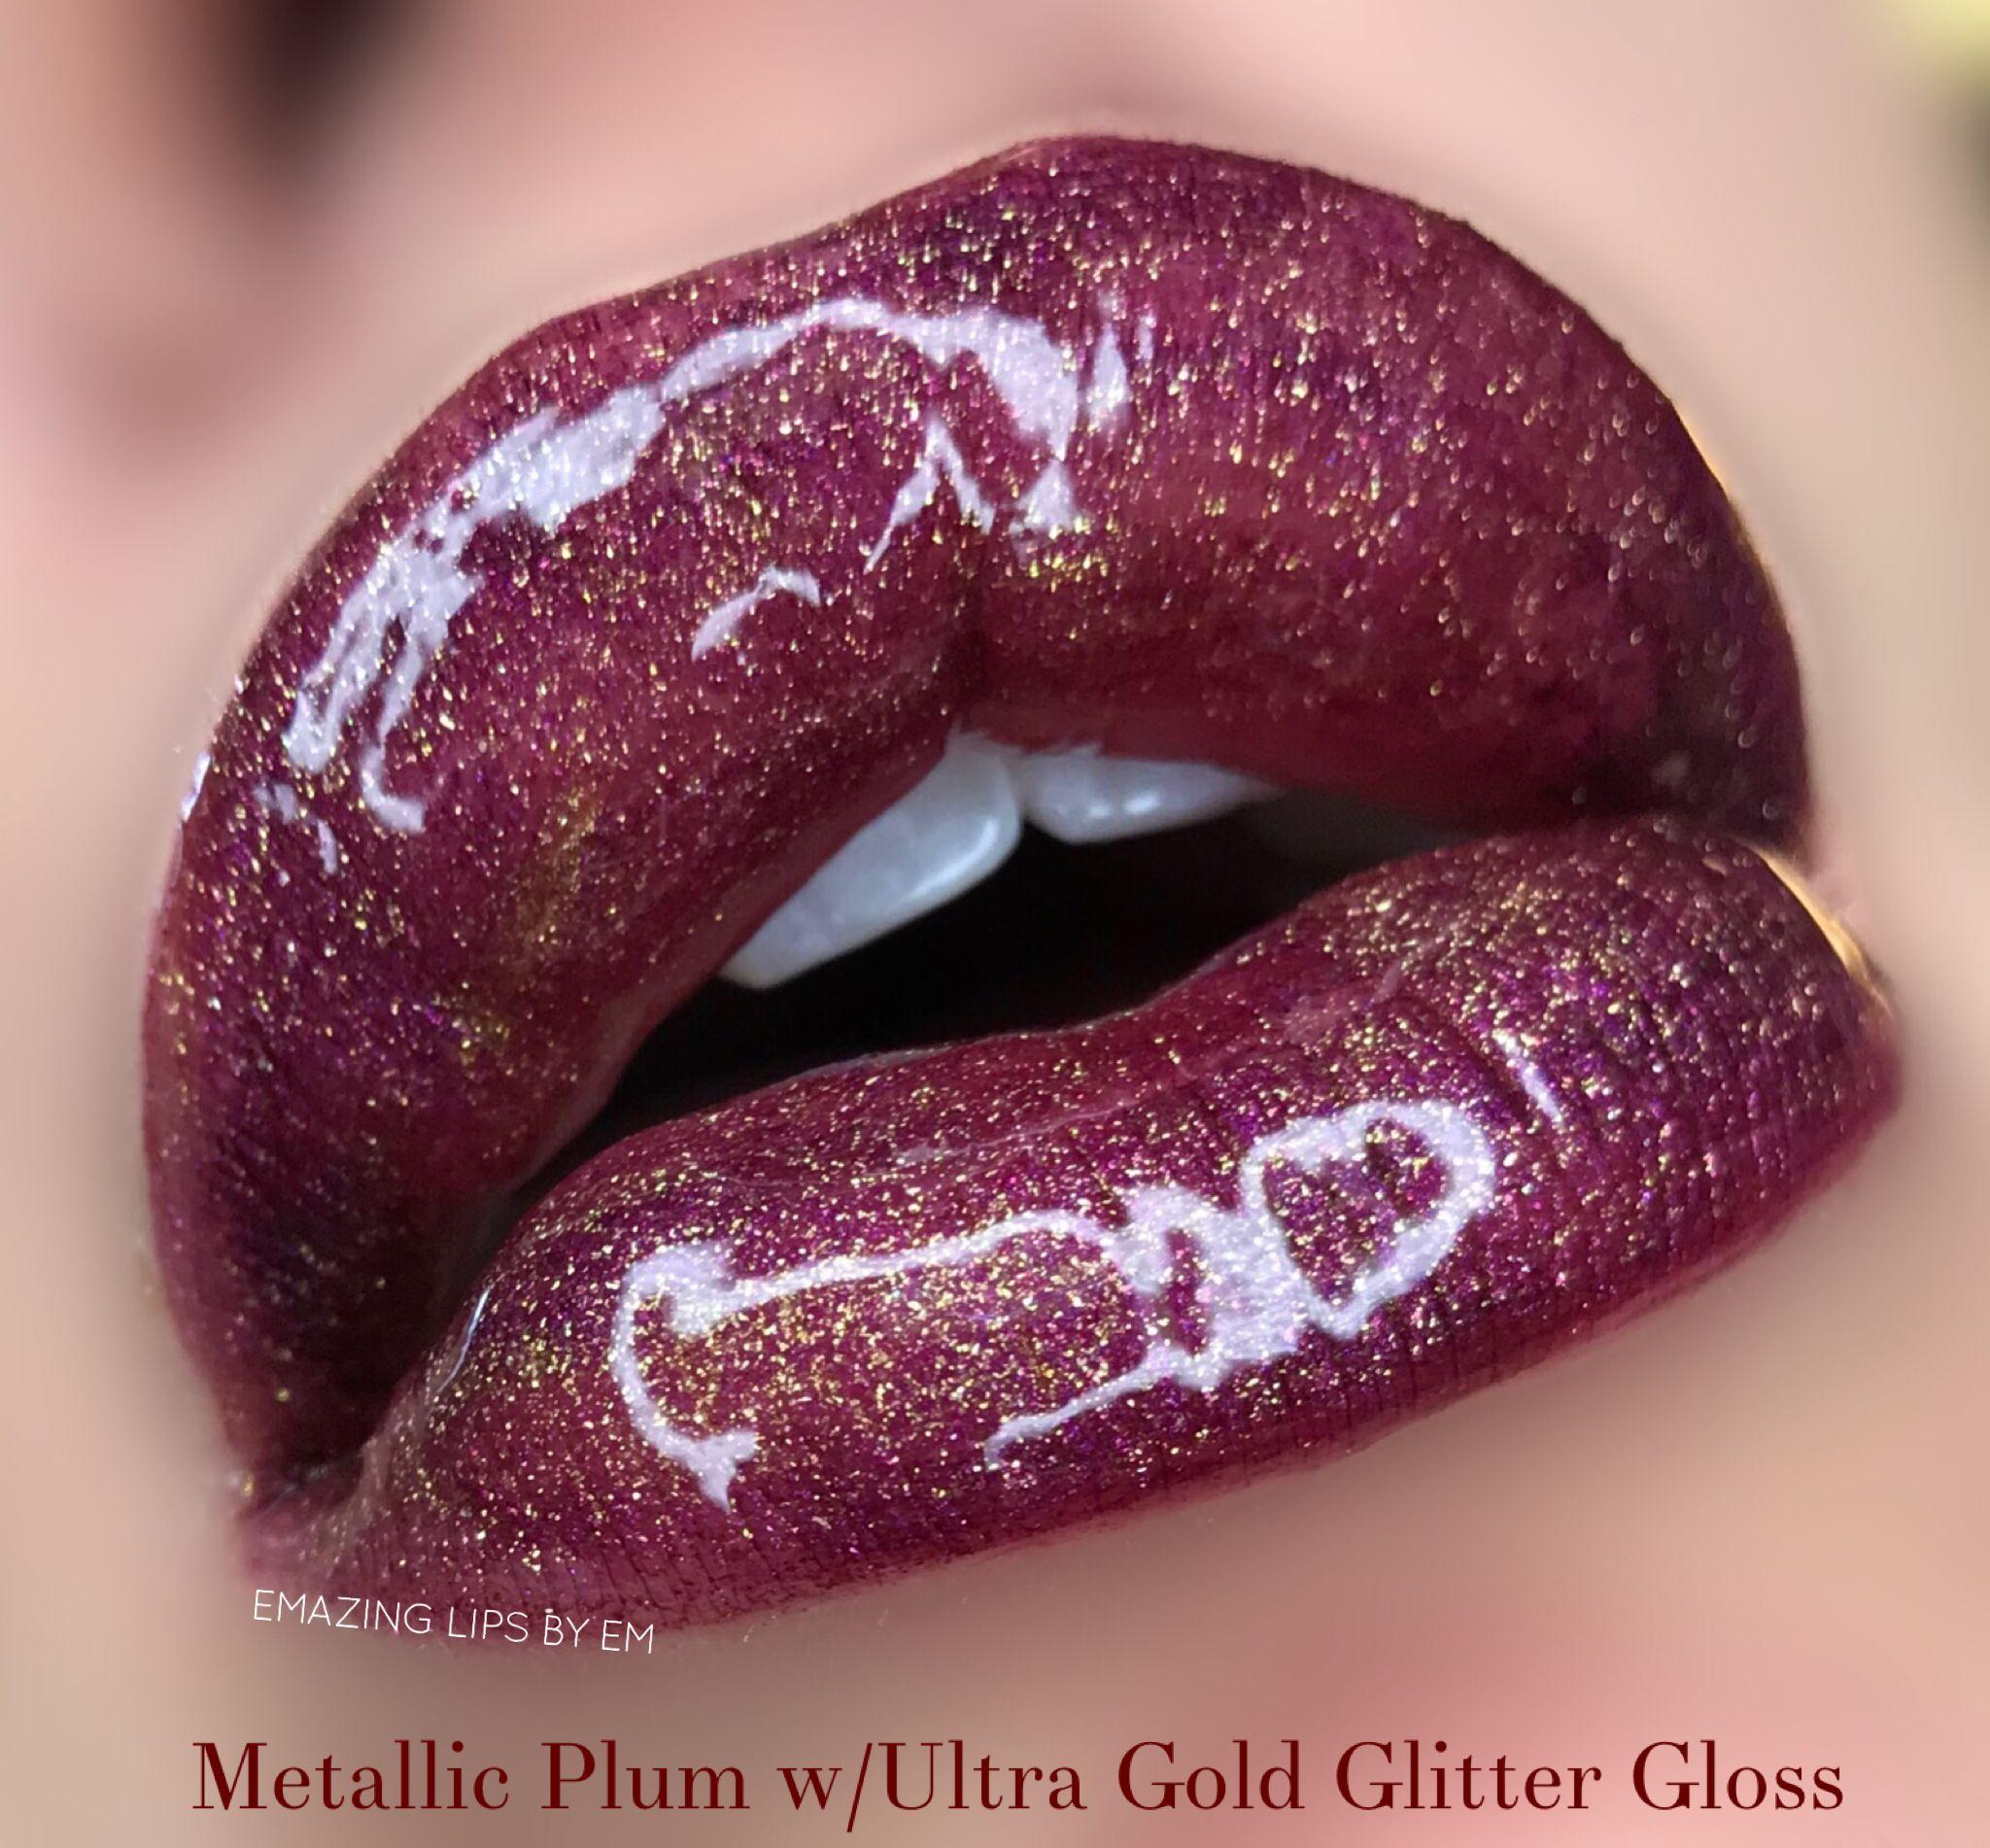 Metallic Plum Lipsense With Ultra Gold Glitter Gloss By Senegence